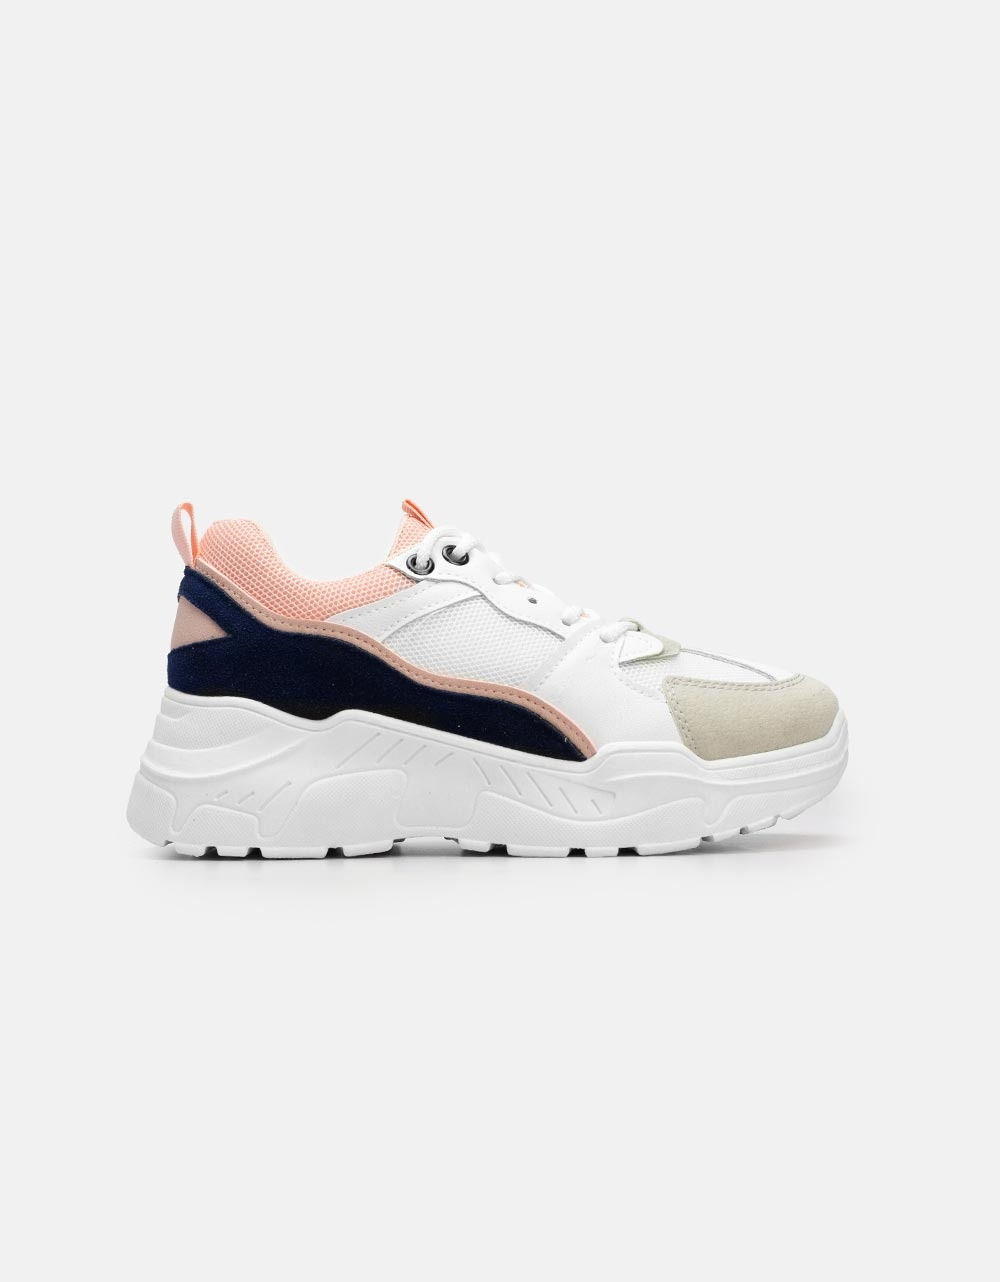 Εικόνα από Γυναικεία sneakers με ανάγλυφες λεπτομέρειες Λευκό/Ροζ